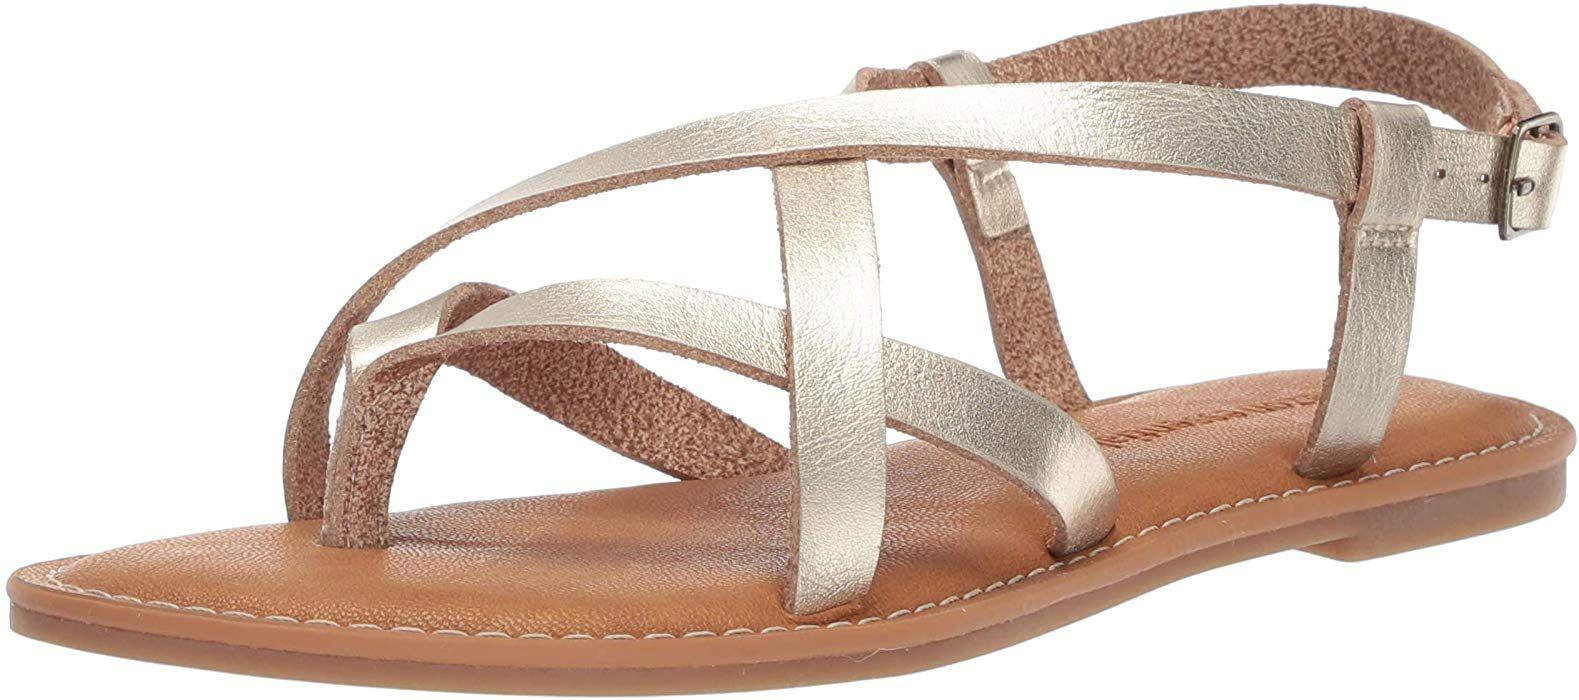 8218277f1e599 Amazon.com: Amazon Essentials Women's Casual Strappy Sandal, Gold ...